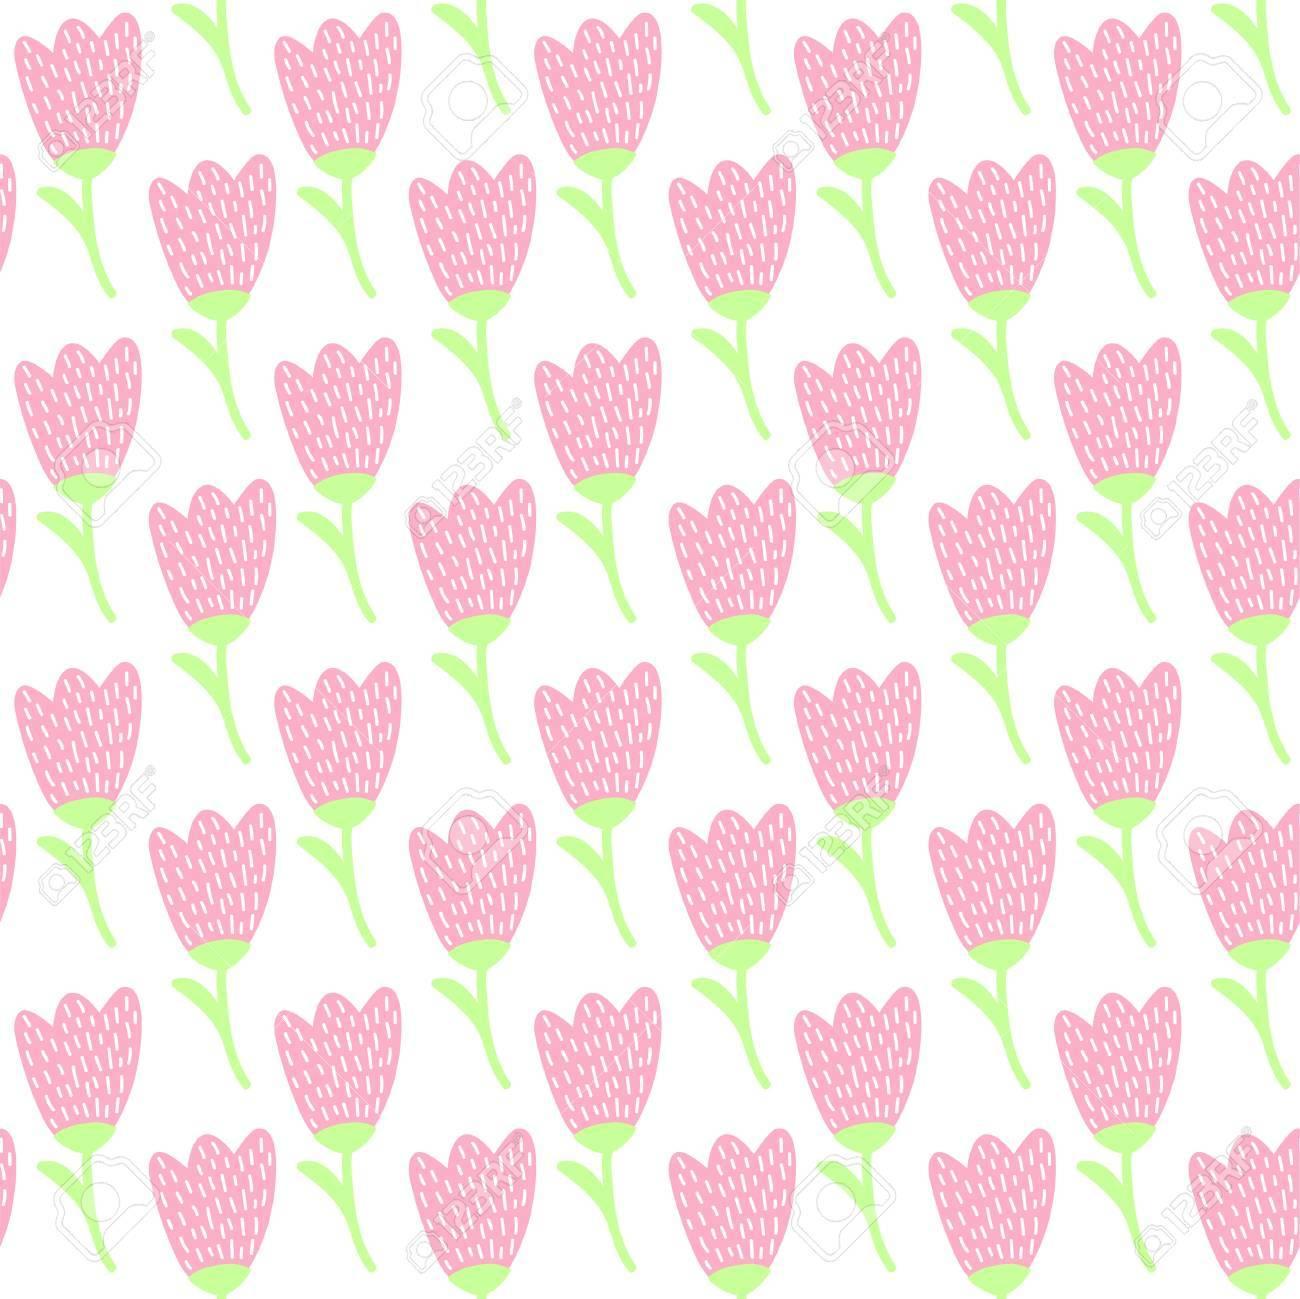 かわいい シンプルなパステル ピンク チューリップ花夏の壁紙の連続パターン のイラスト素材 ベクタ Image